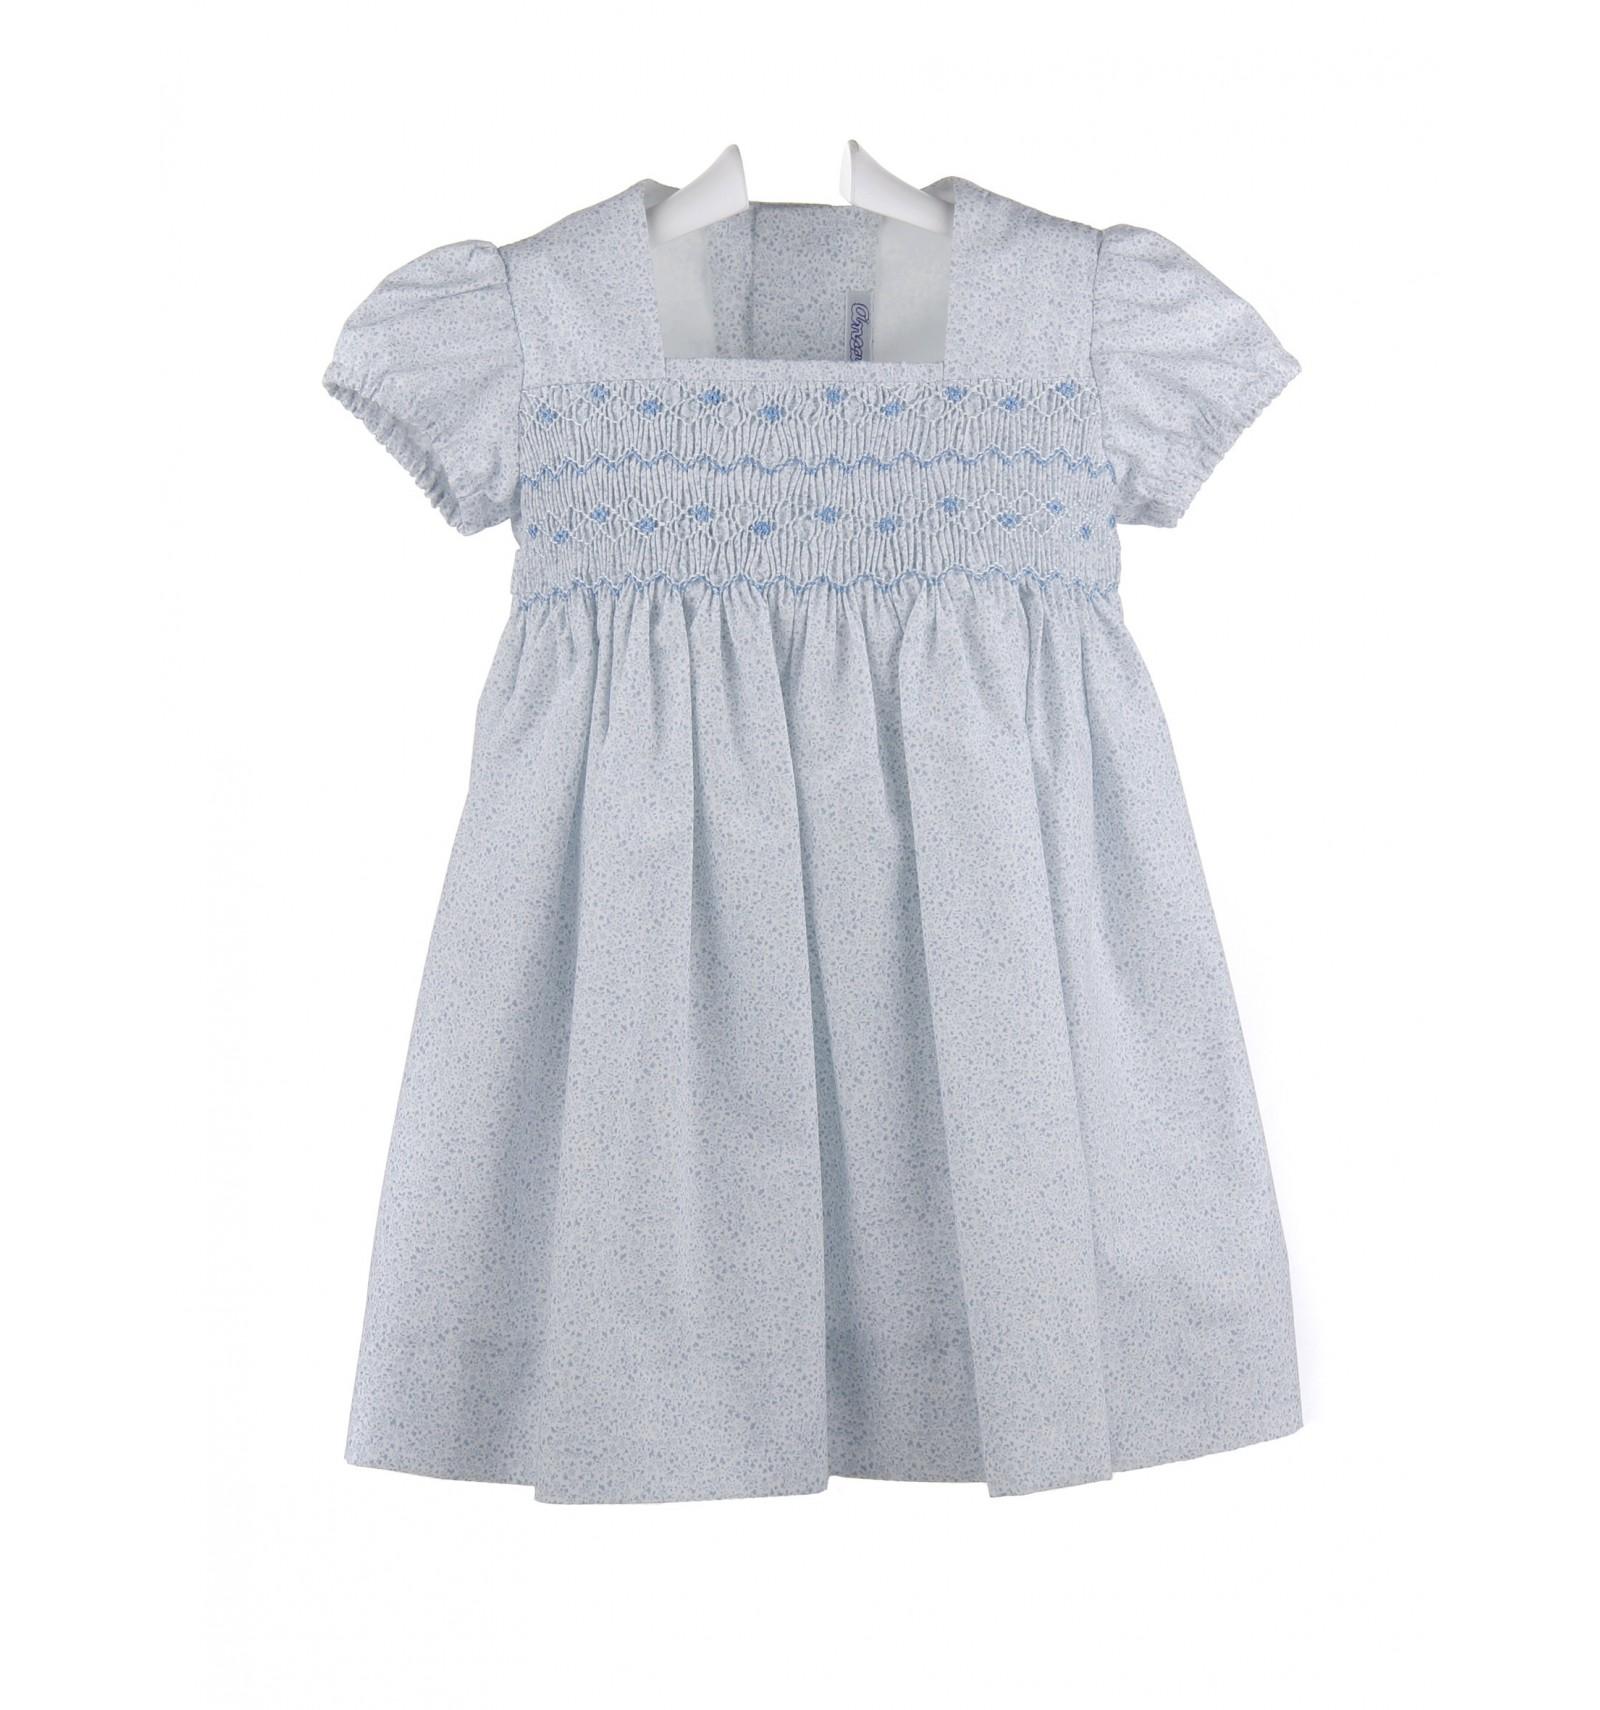 Vestido De Bebé E Infantil Estampado Con Punto De Smock